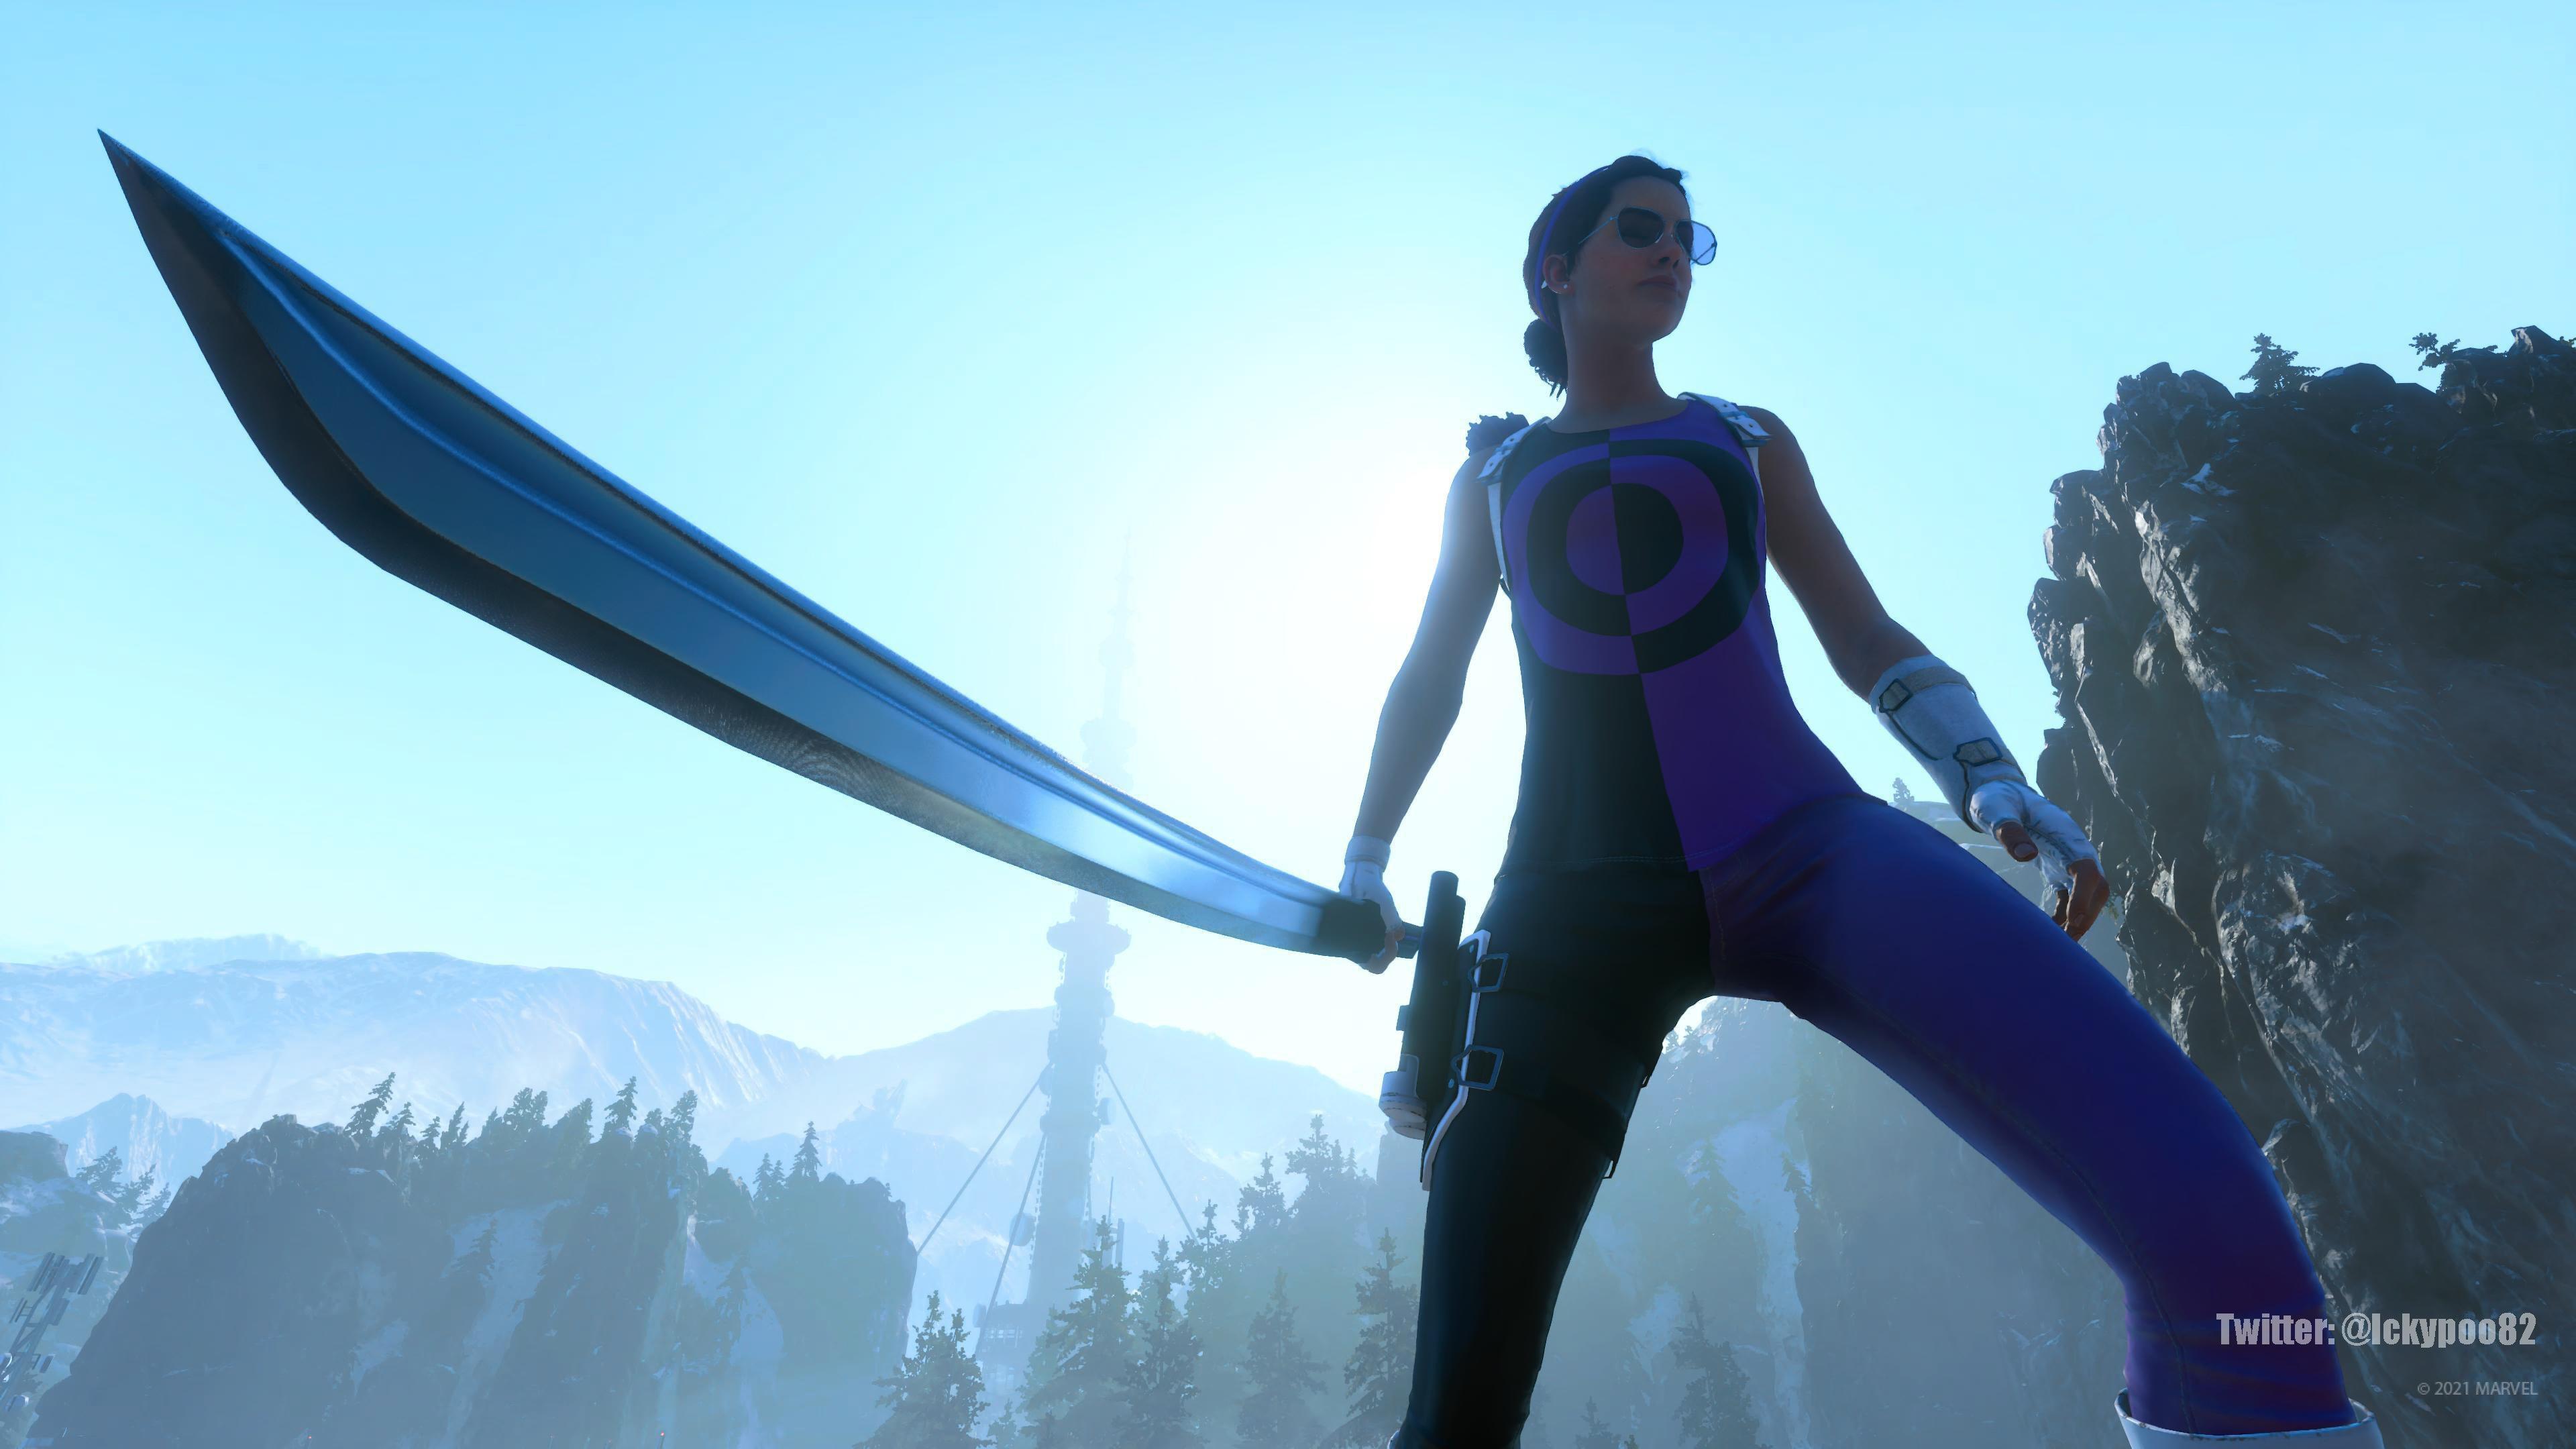 Una captura de pantalla de Kate Bishop sobre el terreno. Detrás de ella se alzan unas montañas, sobre las que vemos el despejado cielo matutino. A lo lejos, una instalación de IMA se asoma sobre un dosel de árboles en la montaña. Kate sujeta su espada a un lado, lista para enfrentarse al enemigo.